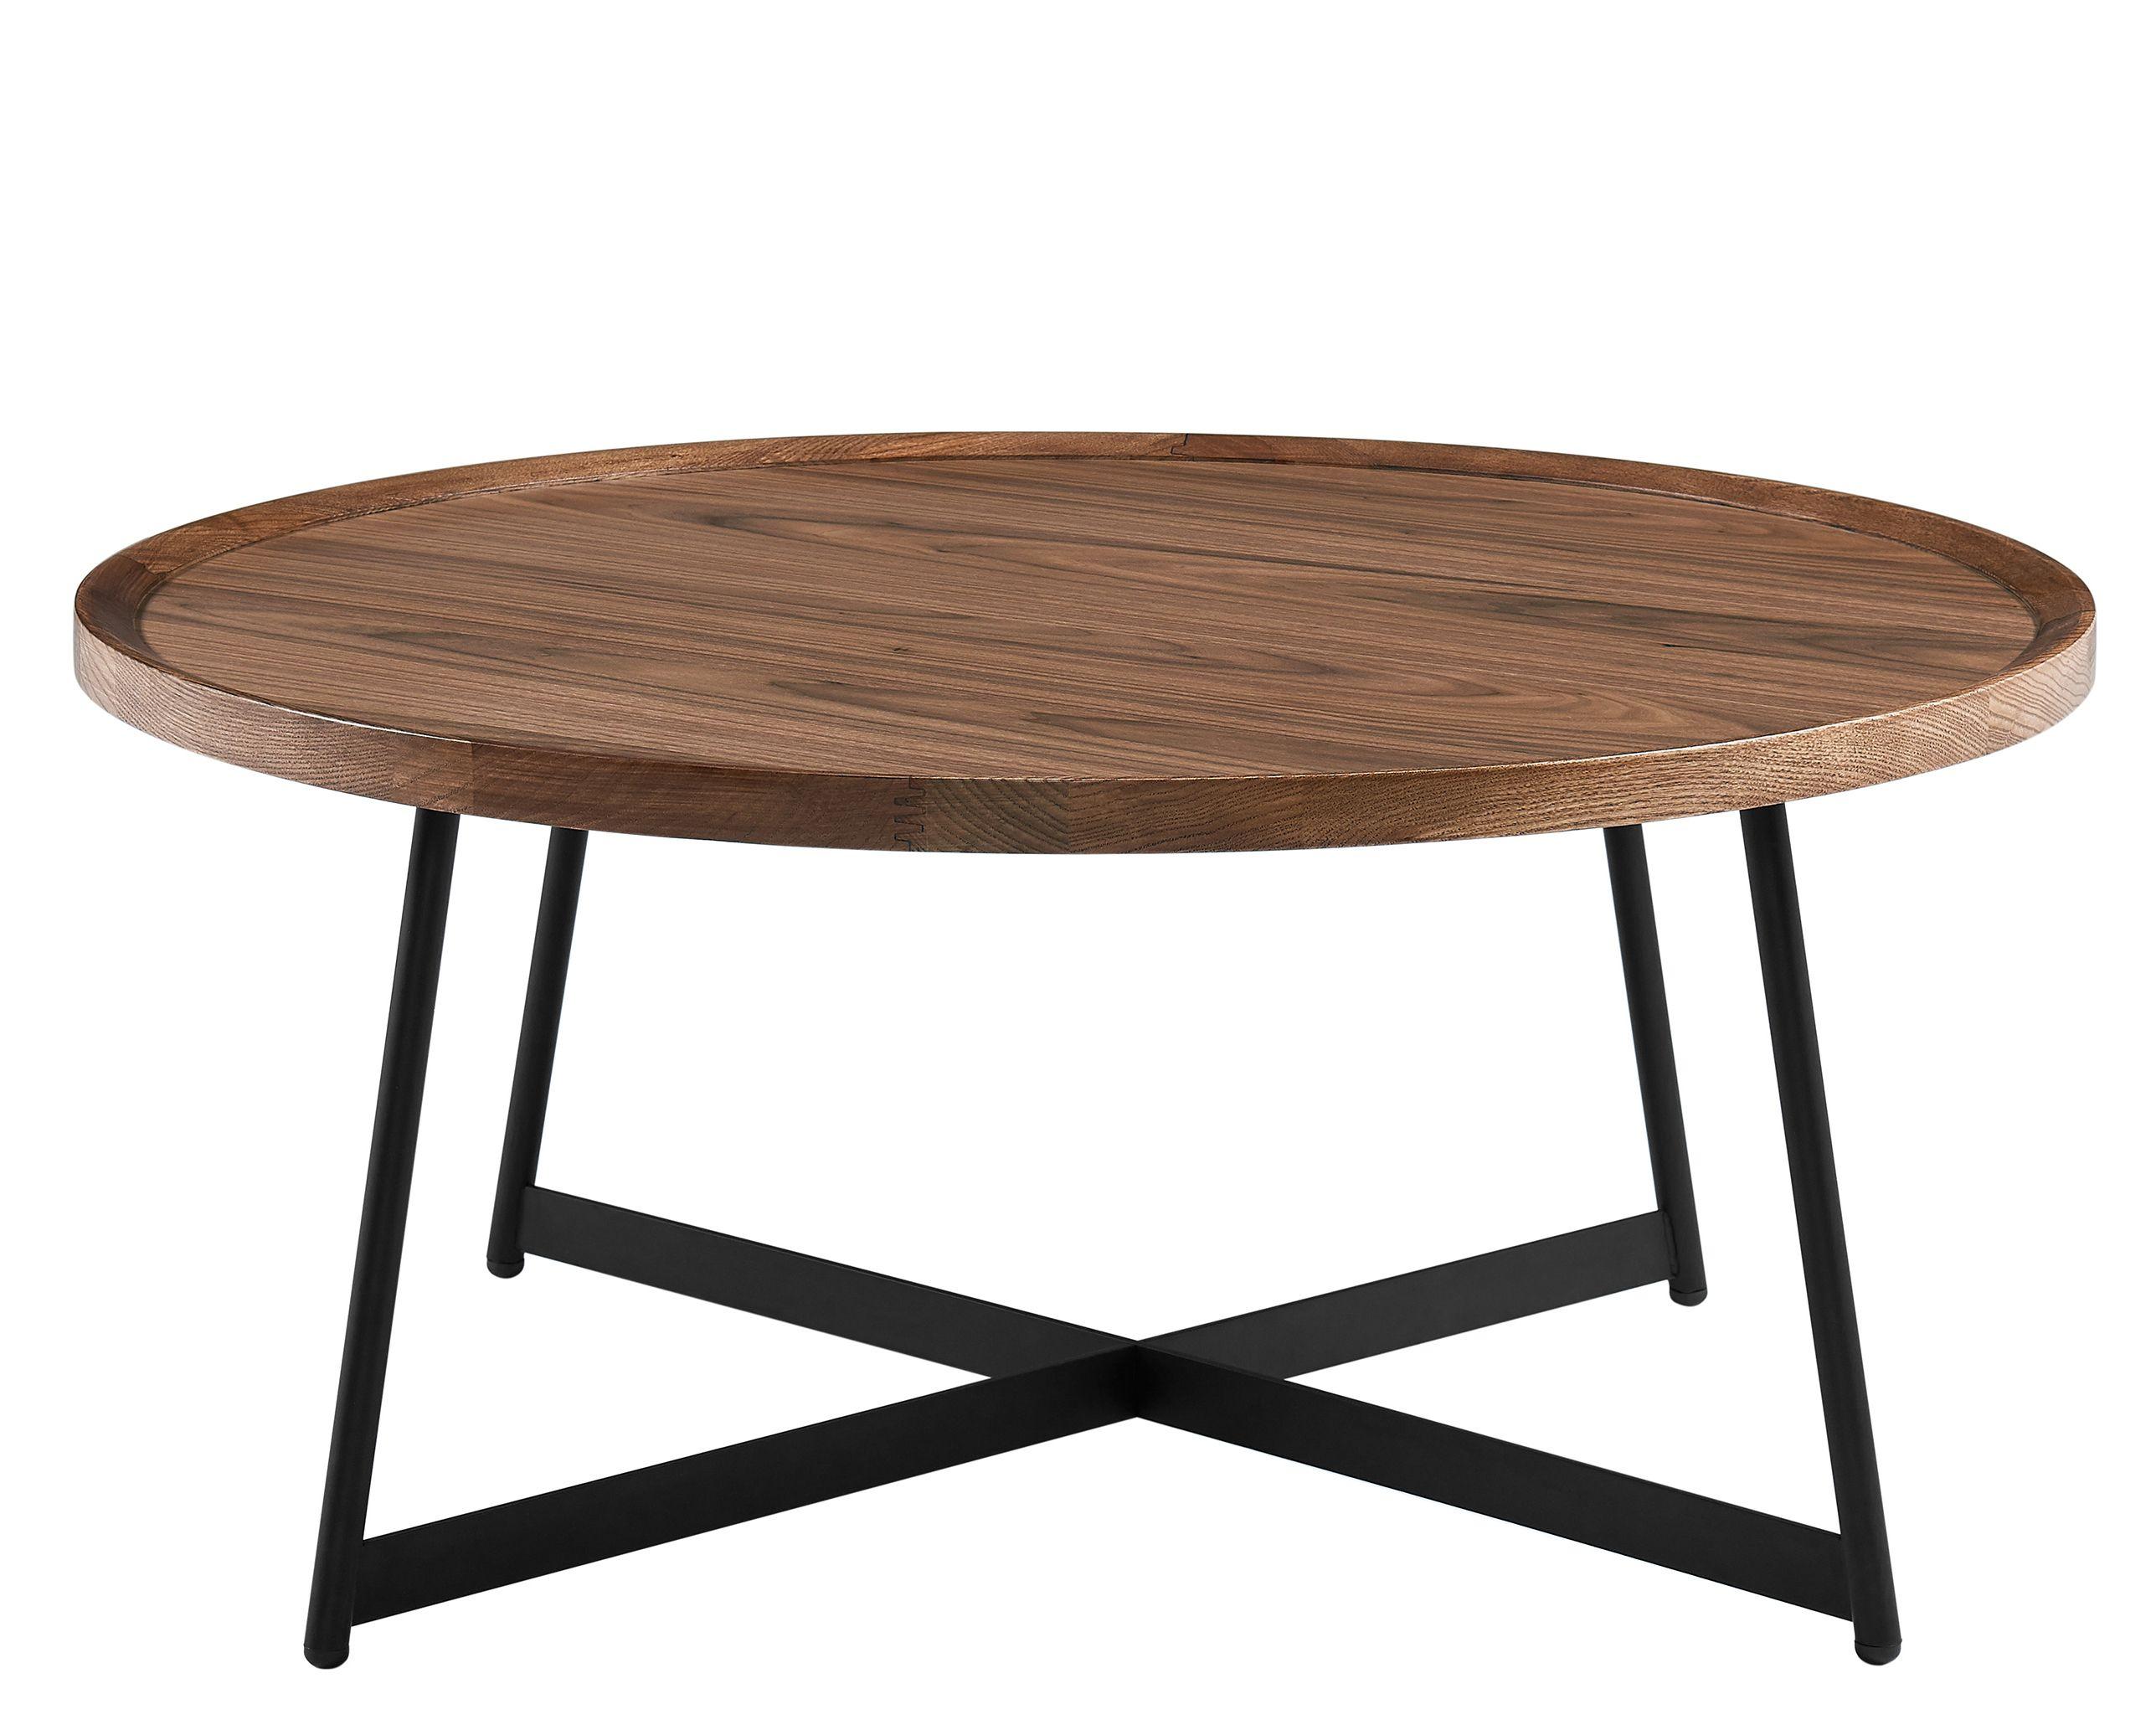 Gweneth Round Coffee Table Walnut In 2021 Coffee Table Cheap Coffee Table Round Coffee Table [ 2066 x 2575 Pixel ]